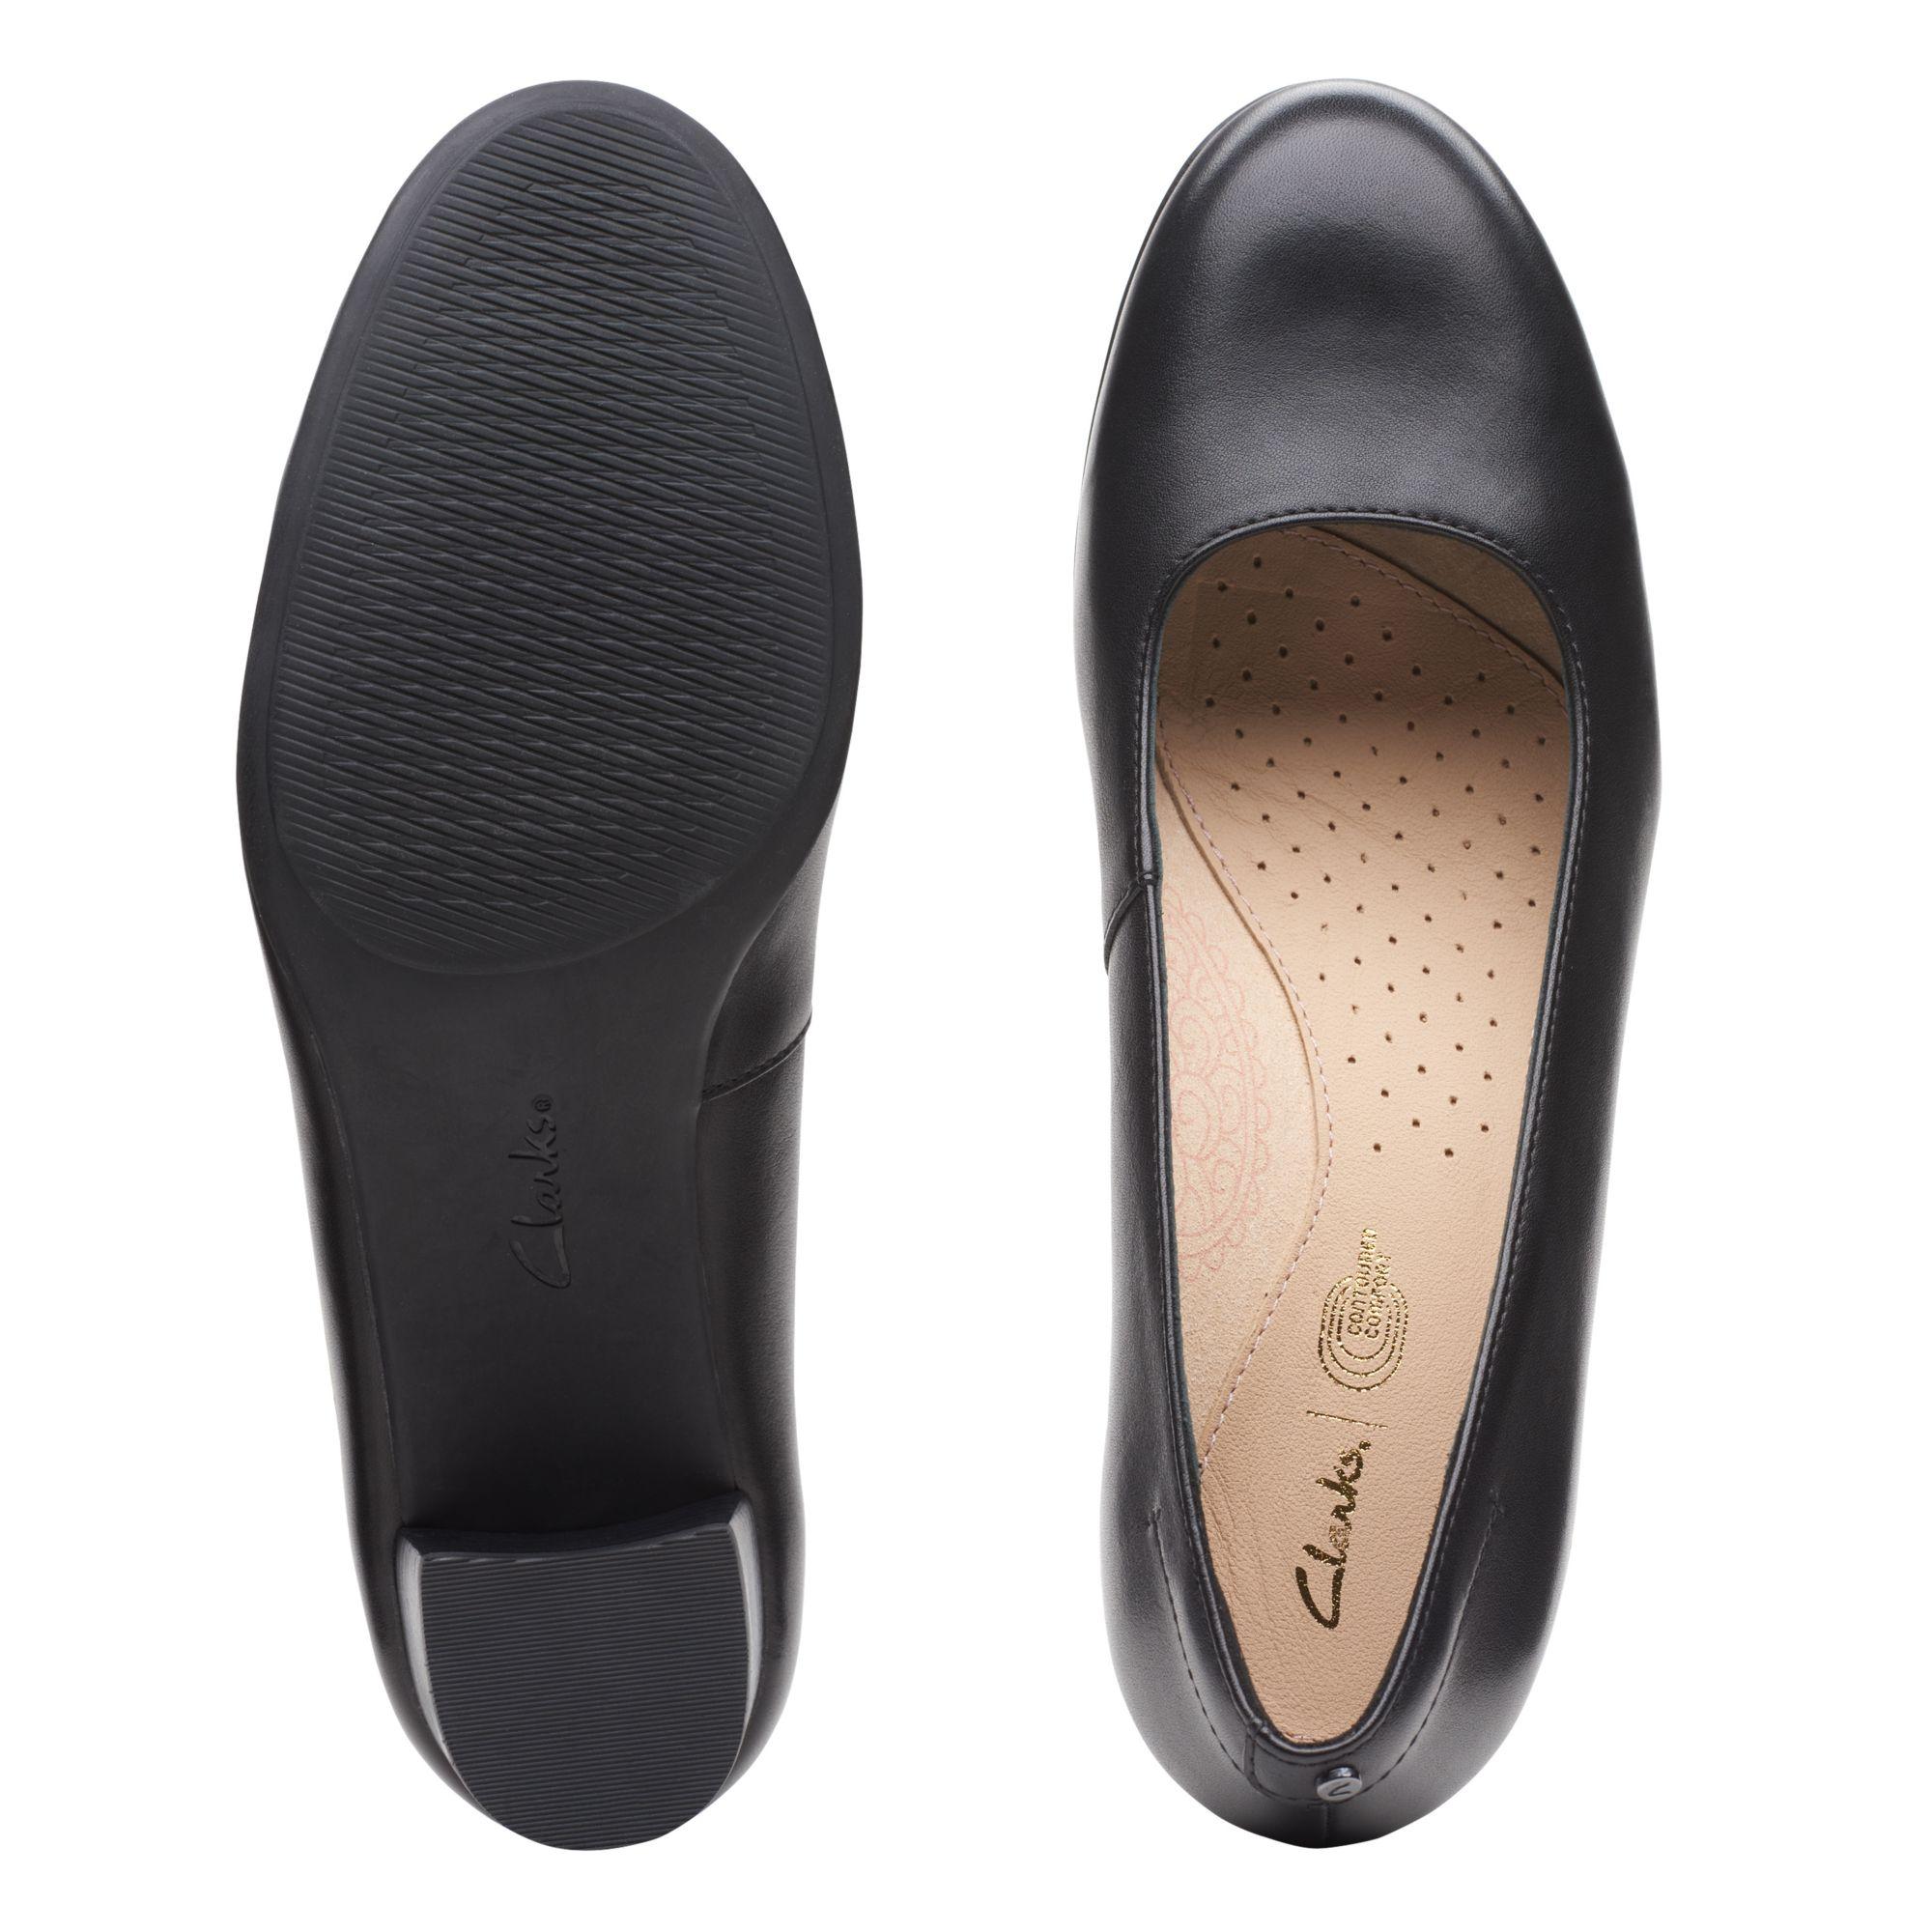 Дамски обувки на ток Clarks Linnae Pump Black Leather - снимка 7